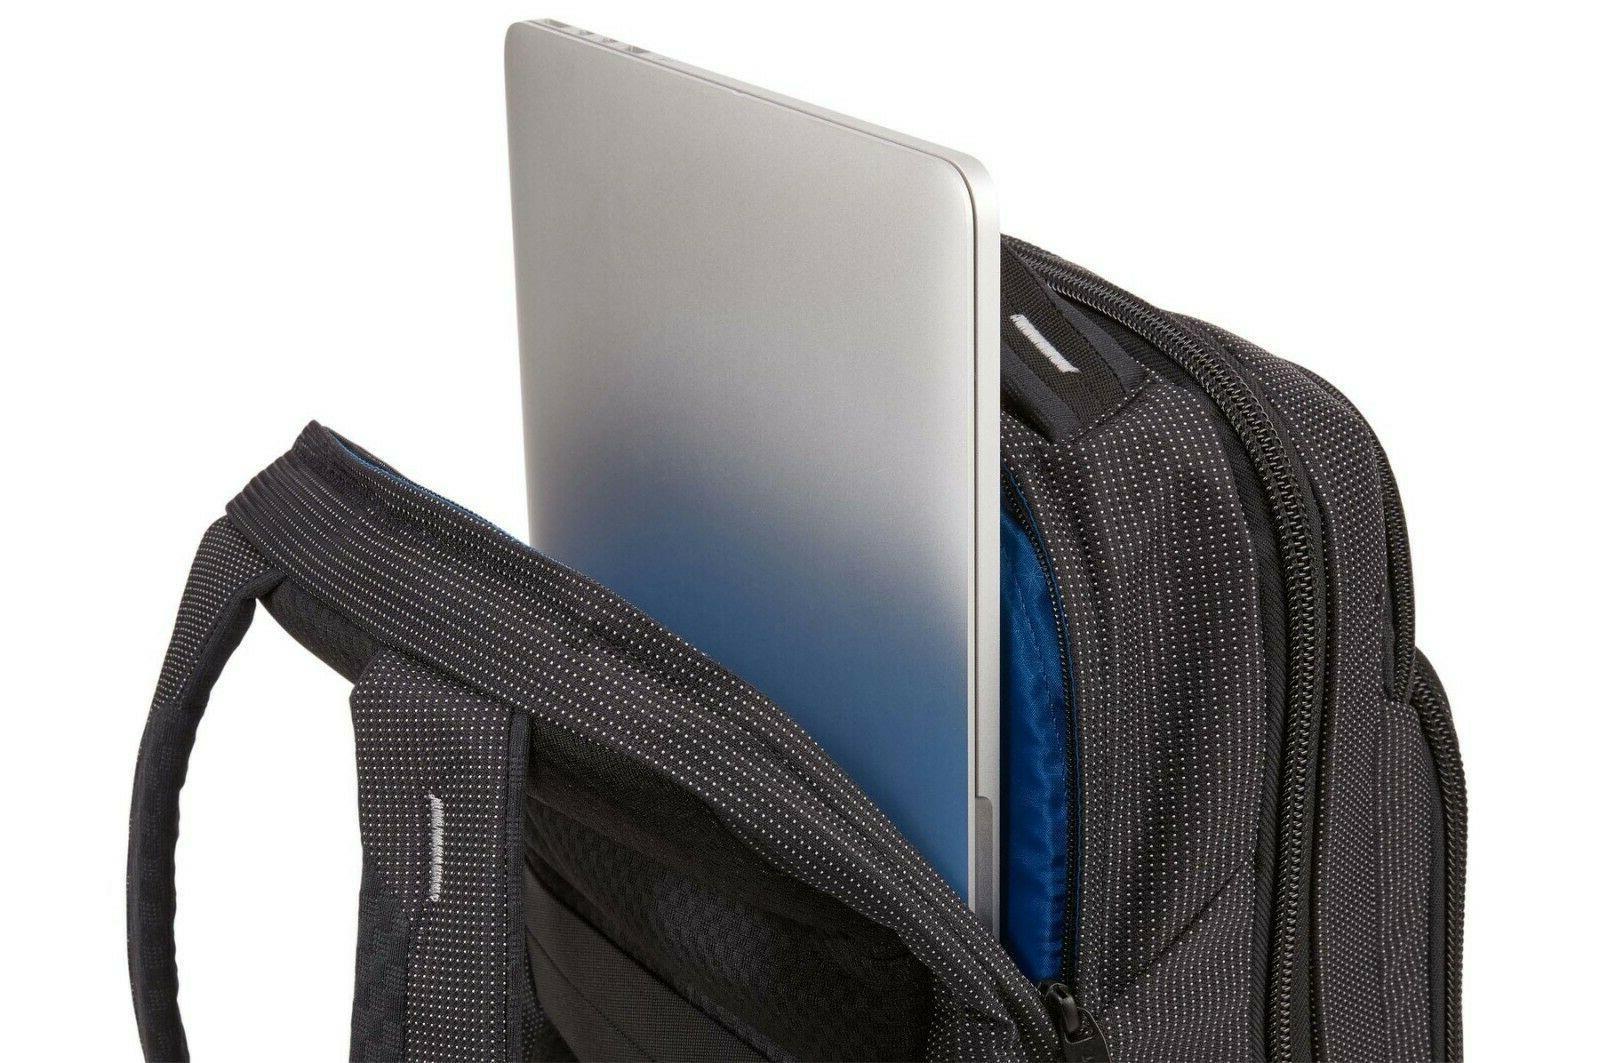 New, 2 Backpack 20L Bundle